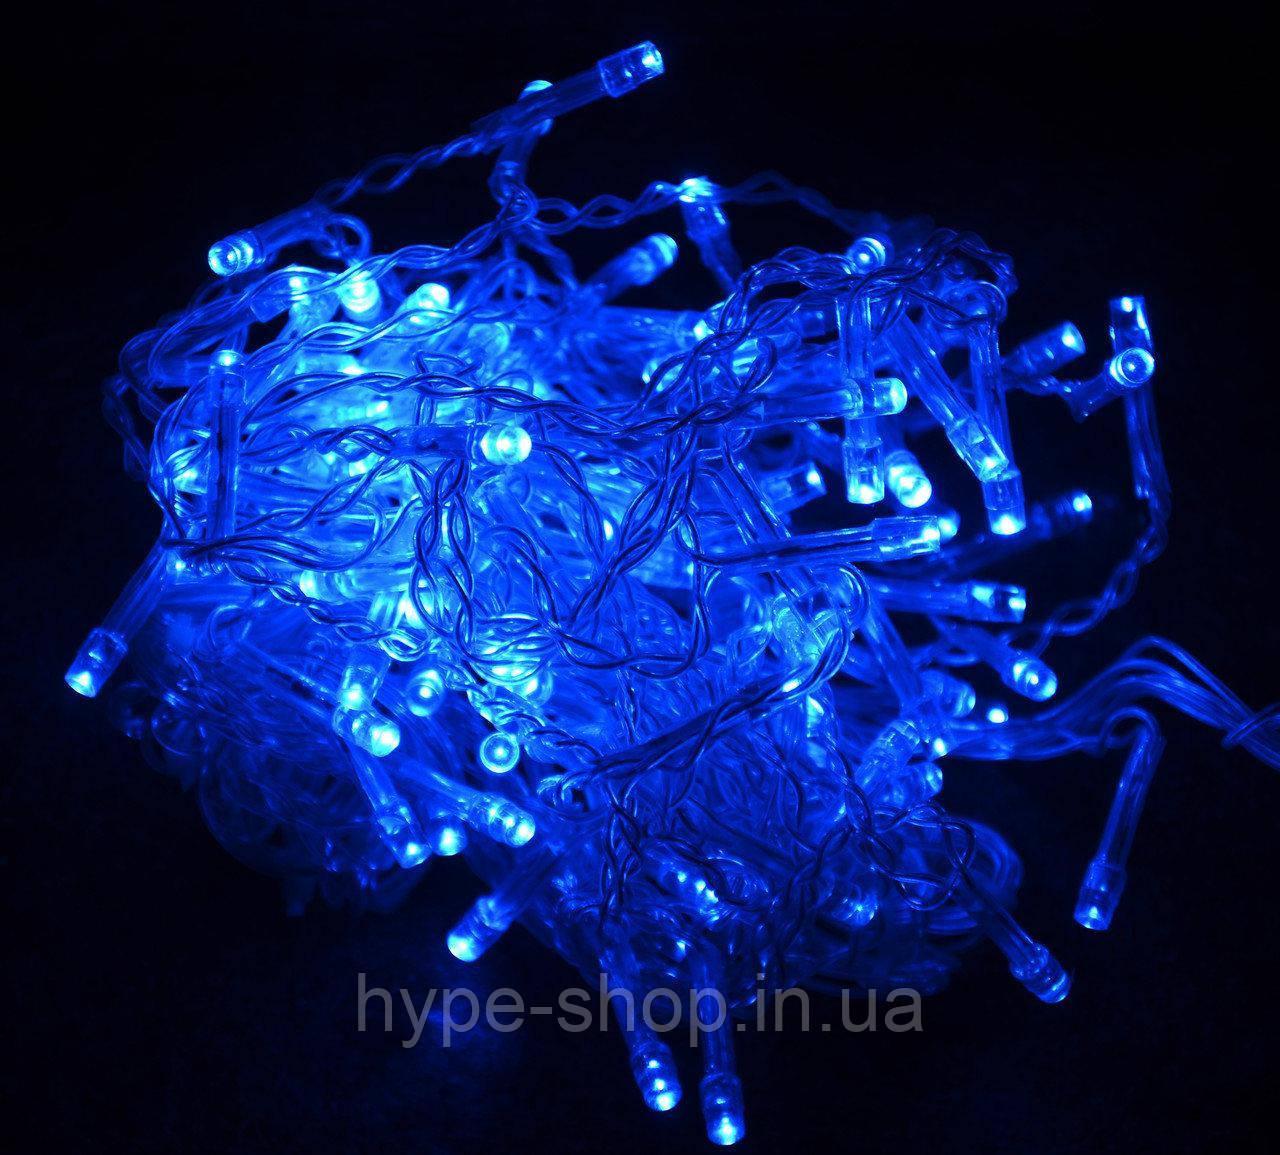 Гирлянда прозрачный шнур 300 Led,синяя